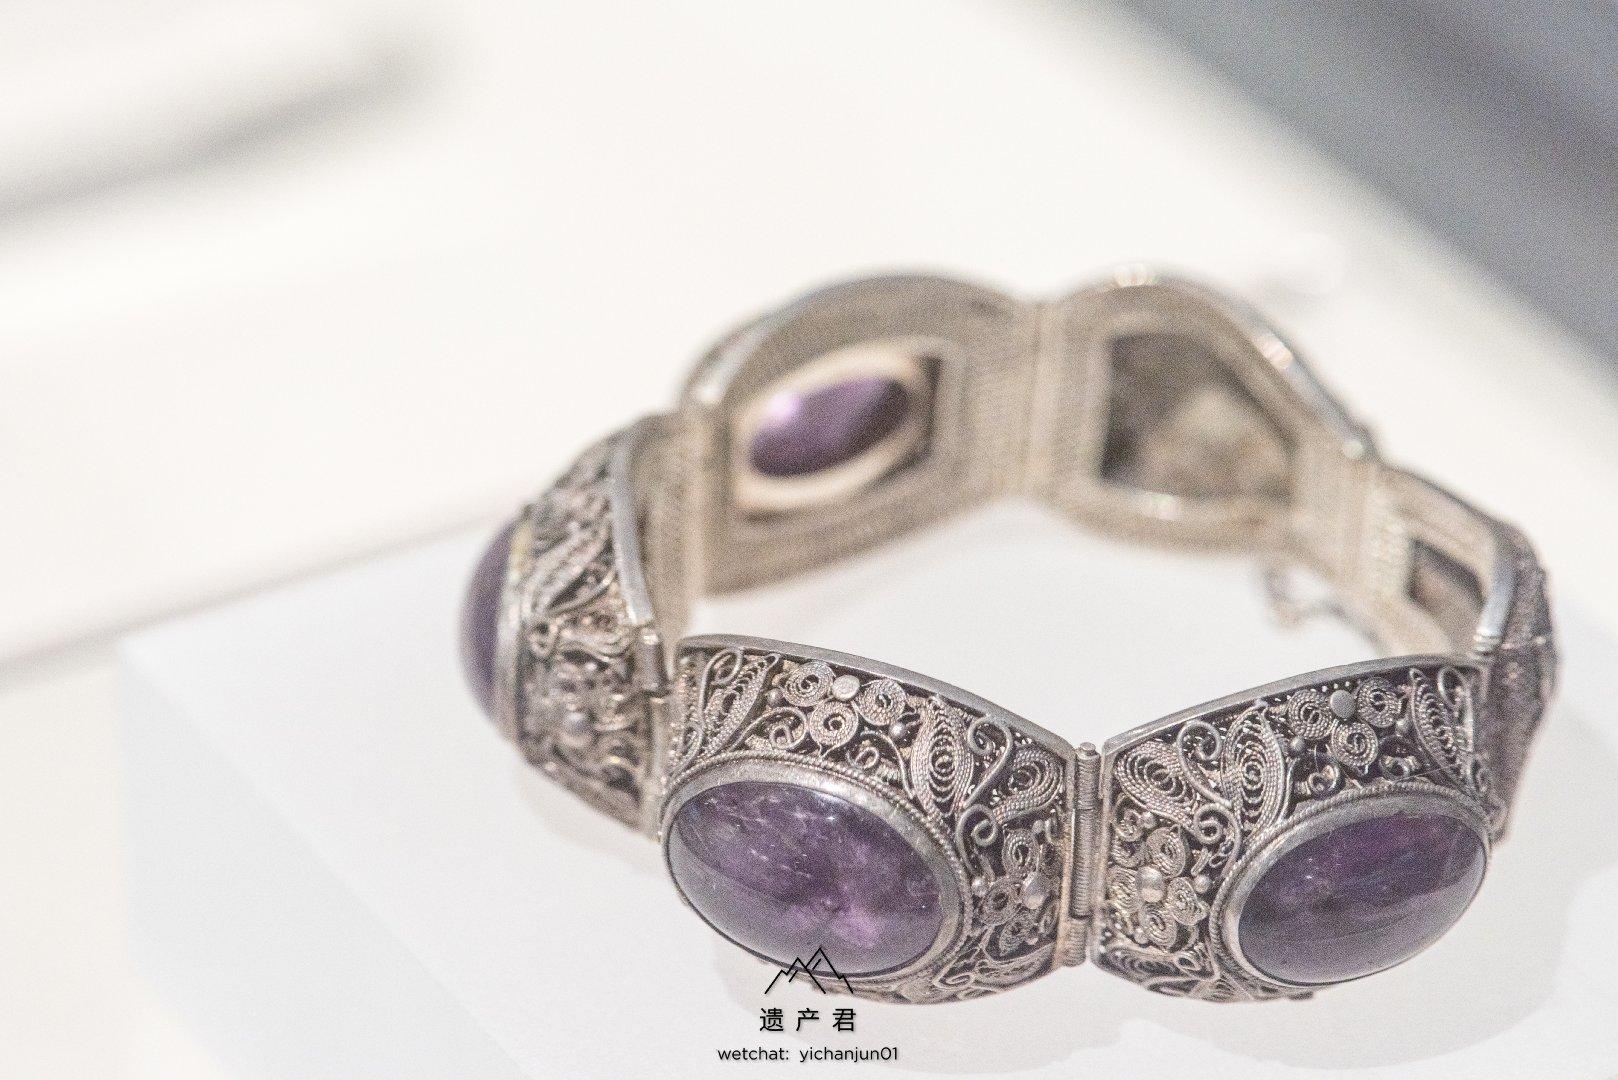 广州十三行博物馆藏· 清代银錾花卉纹嵌紫水晶手链